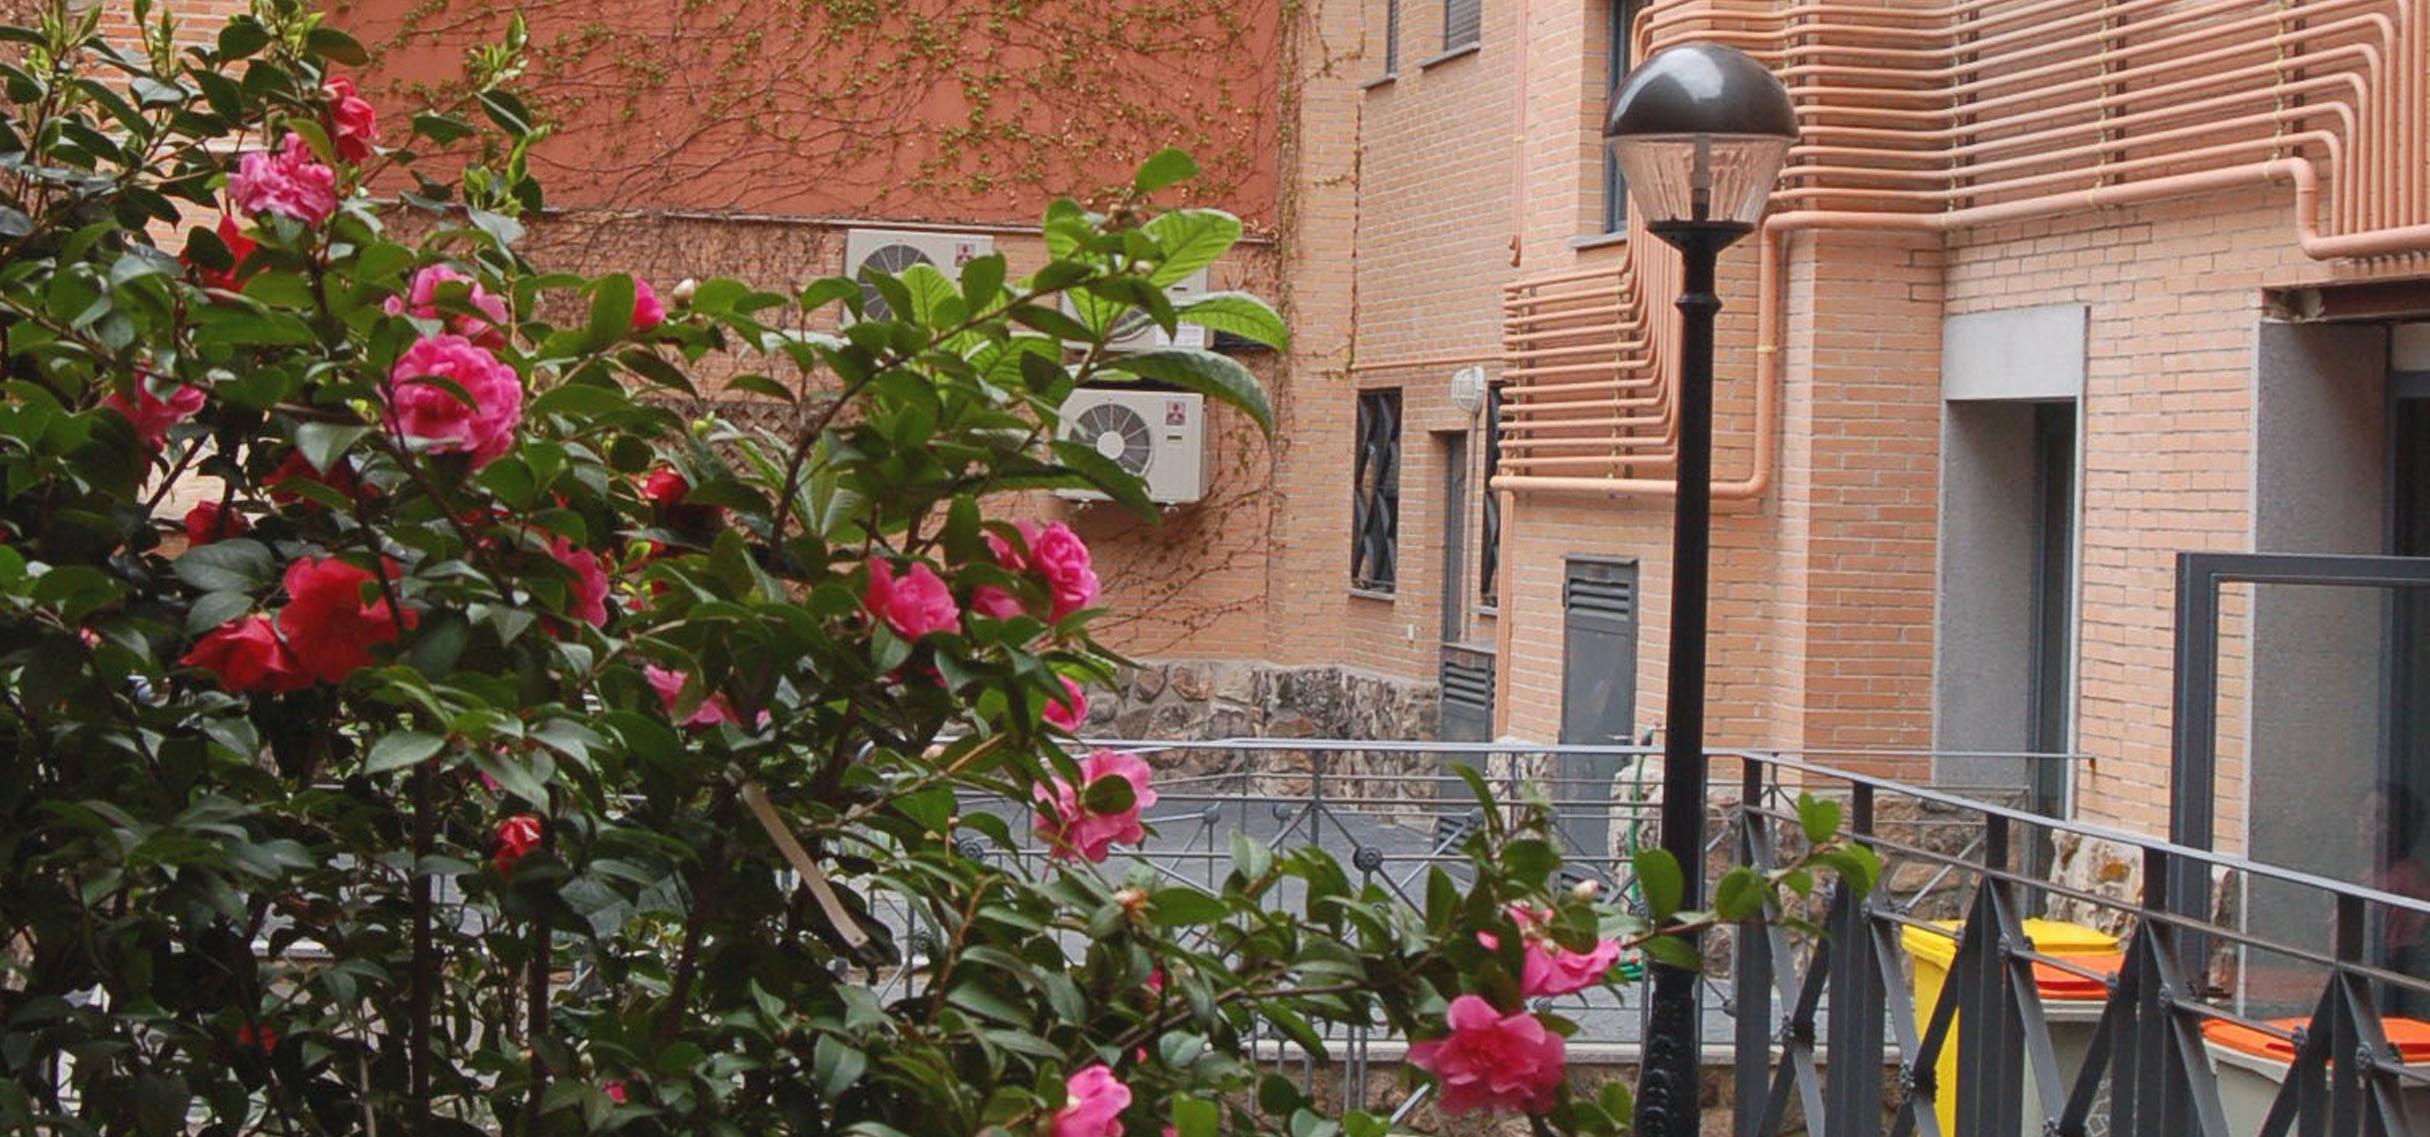 Apartamentos econ micos en alquiler en madrid 1 habitaci n otamendi - Alquiler pisos en madrid baratos ...